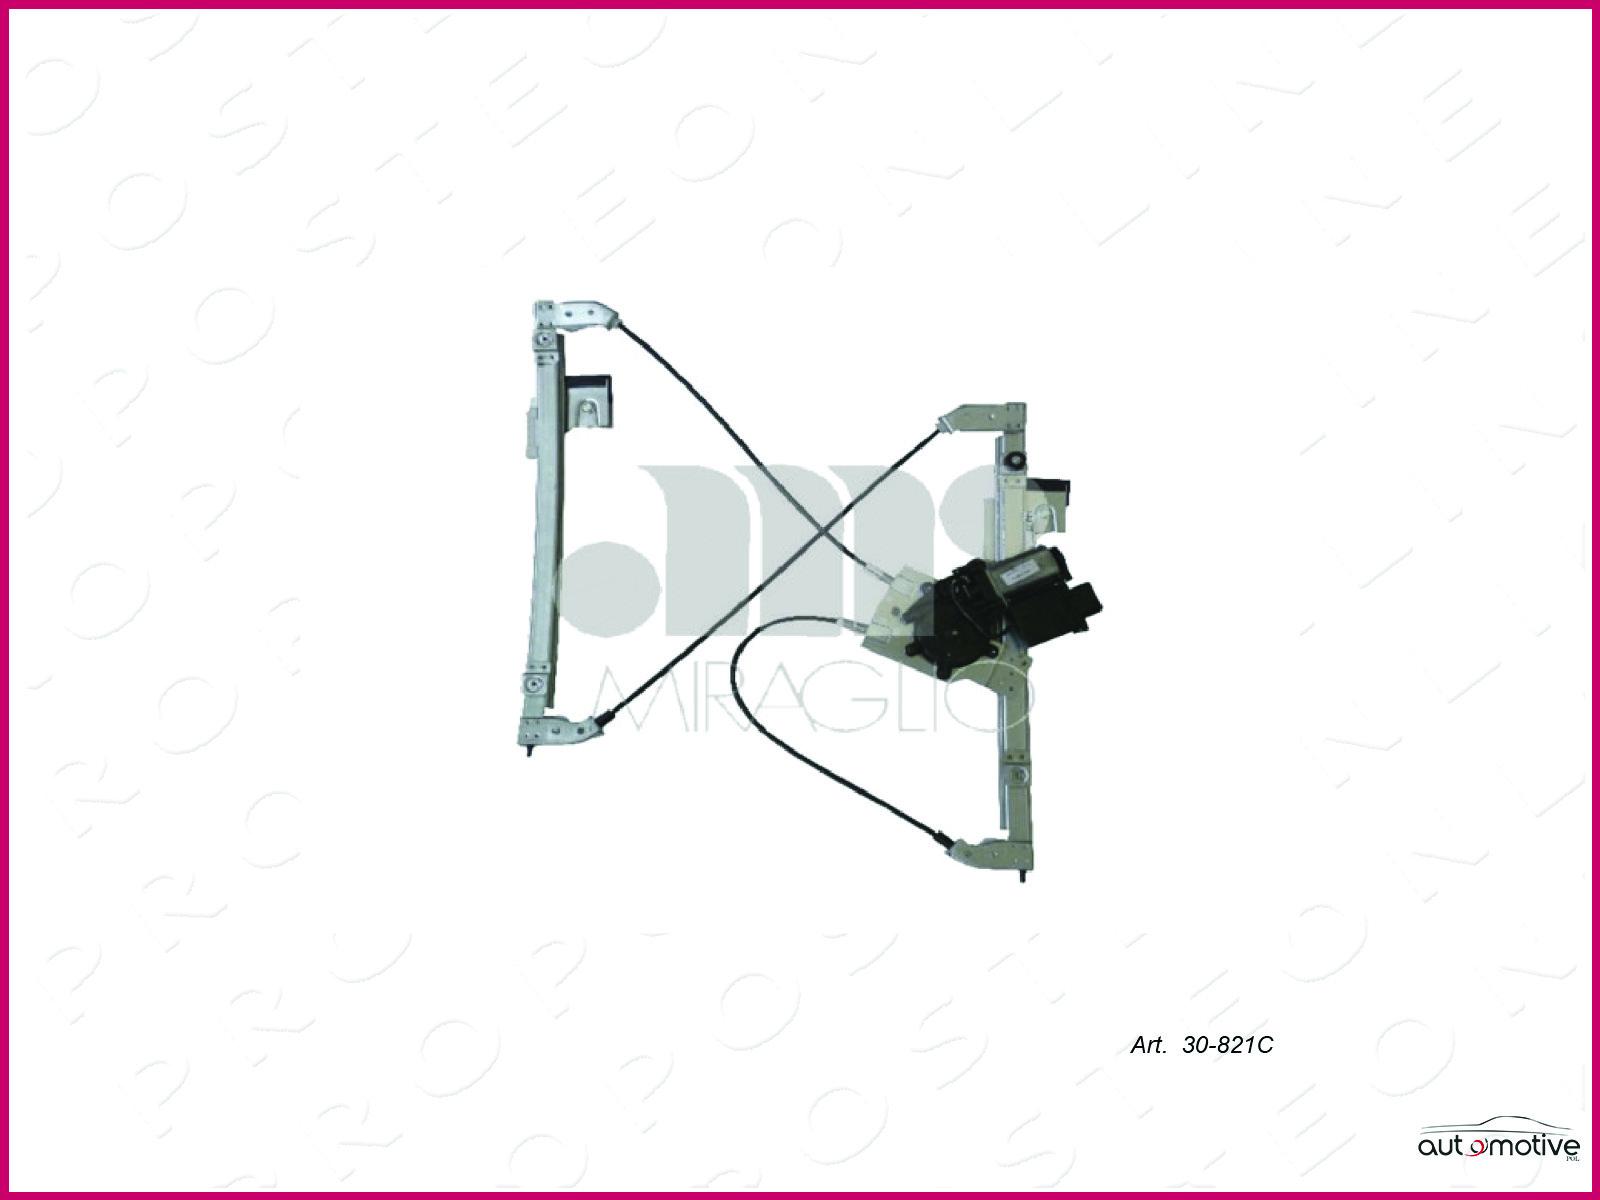 Leve-vitre-Vitres-Electriques-Electrique-Anterieure-Droite-Seat-5P-1999-2001